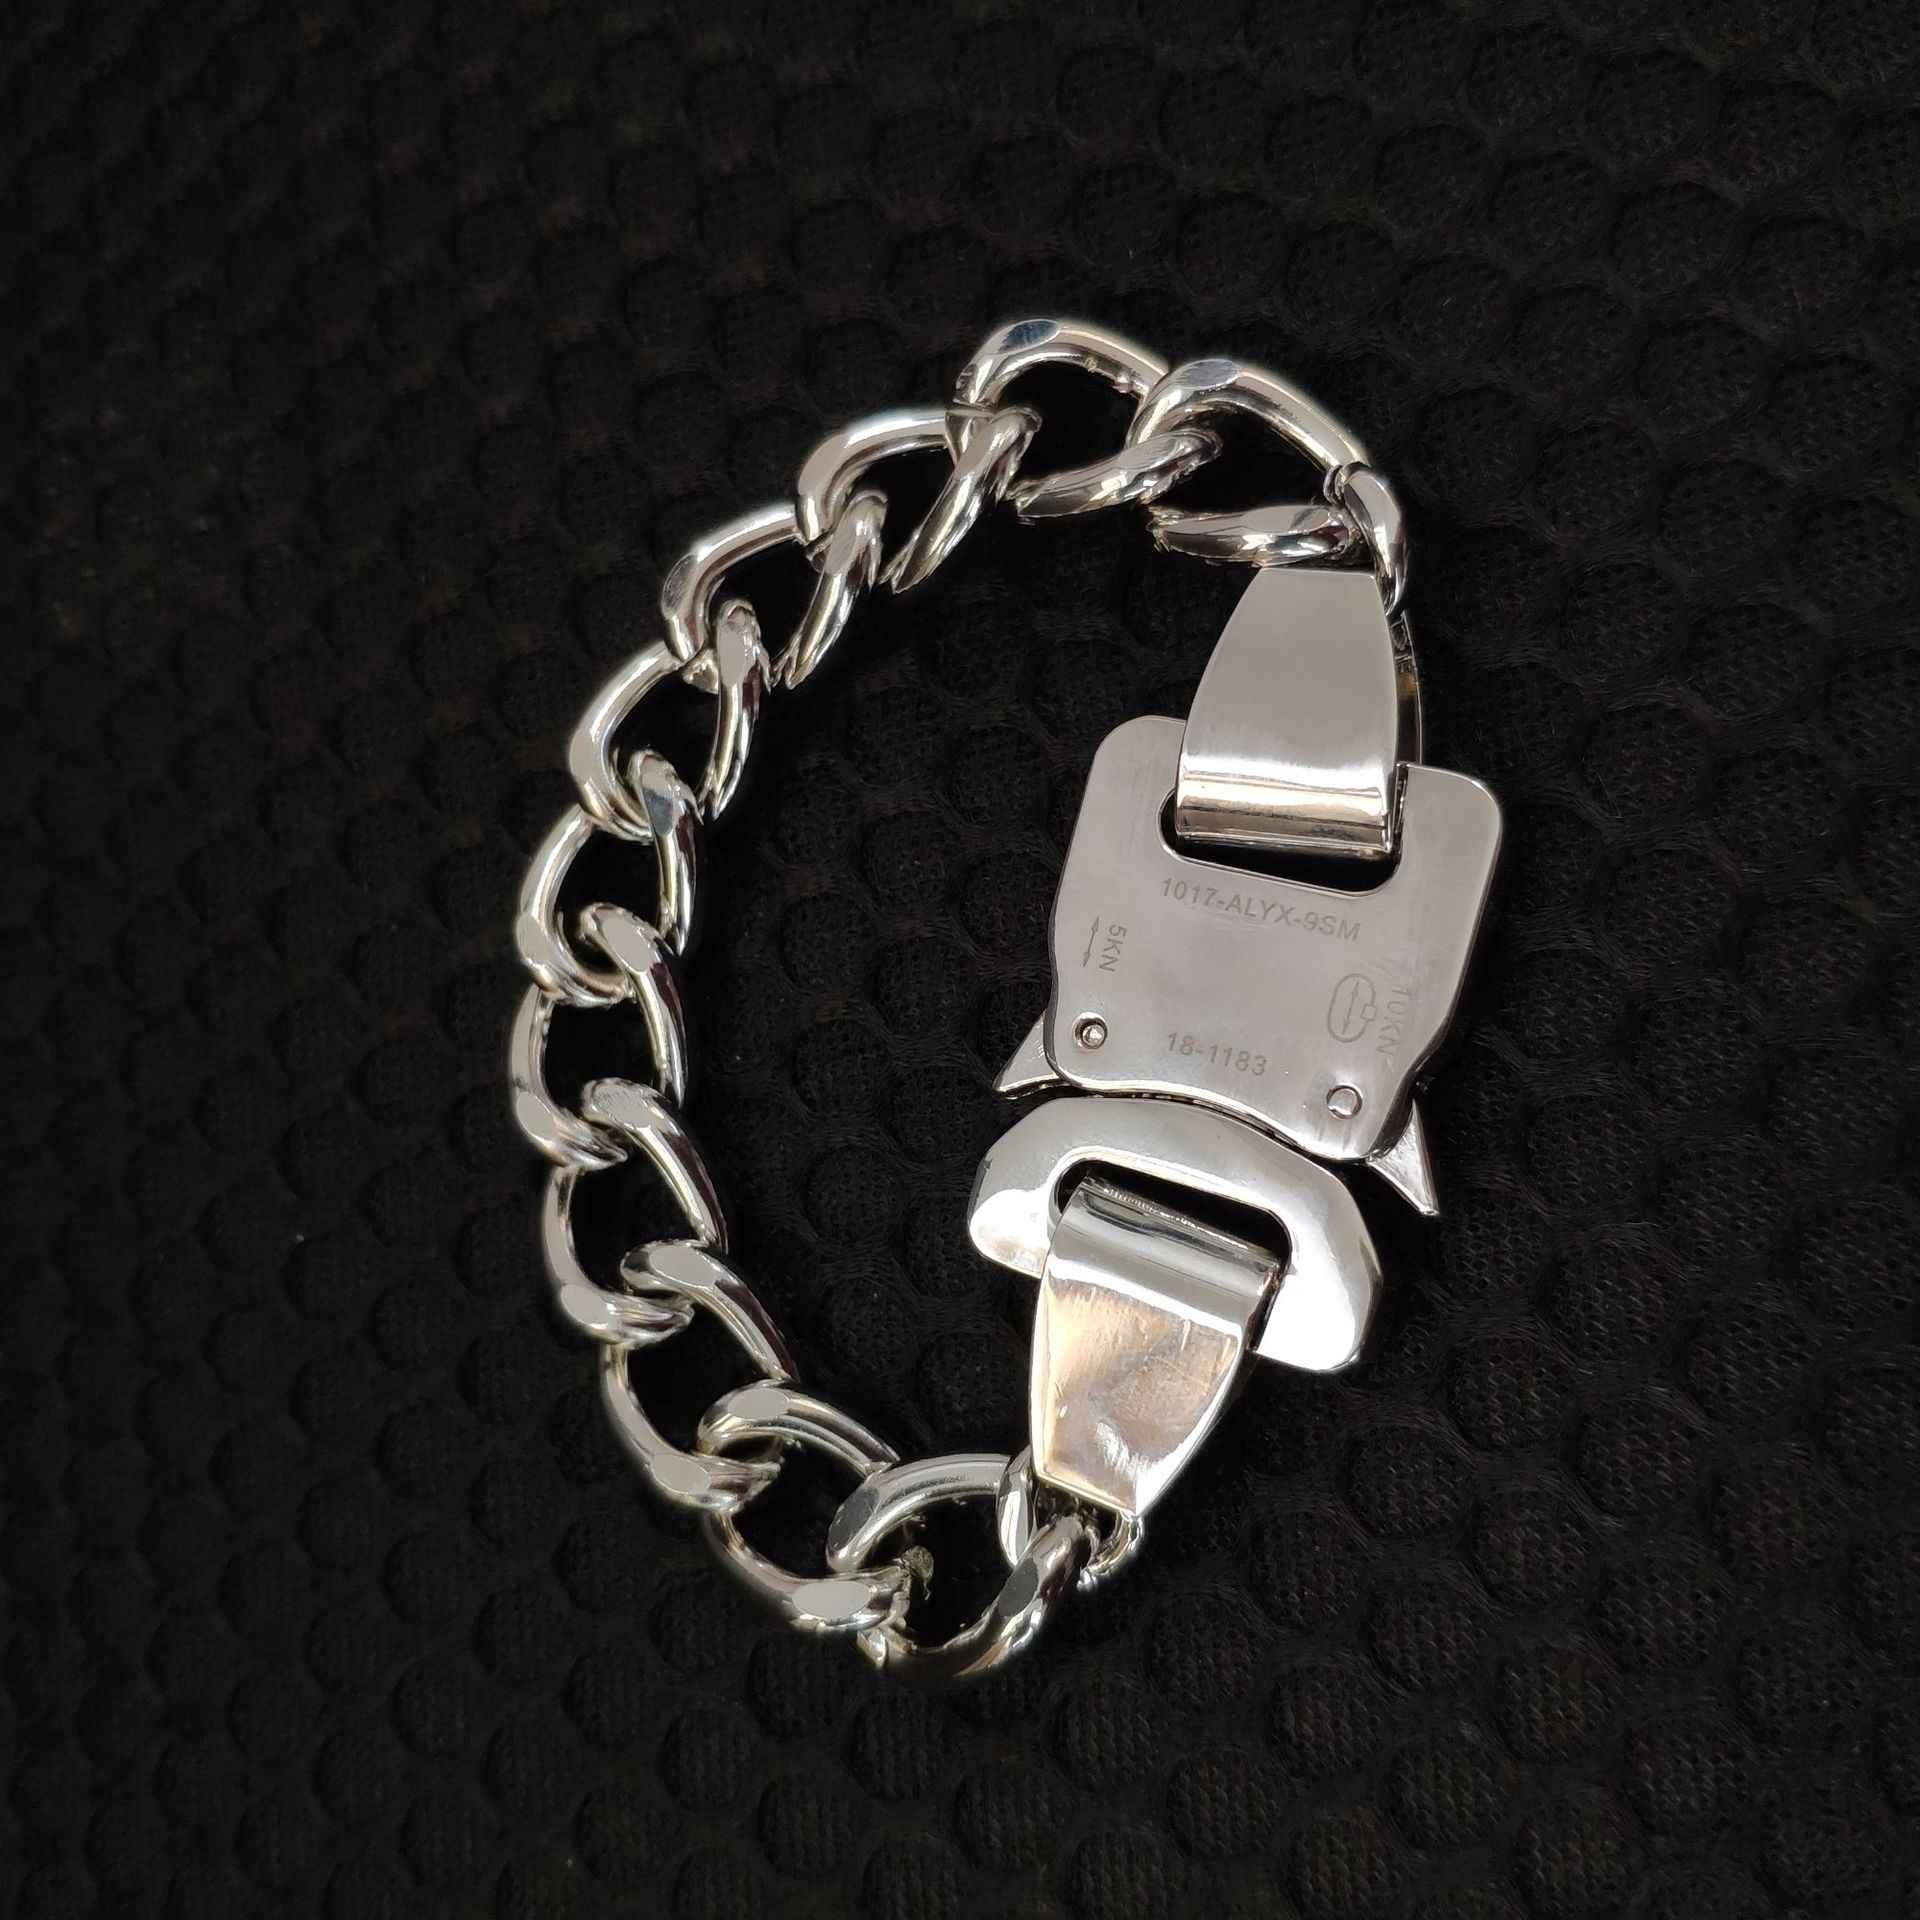 2019 Nieuwste Metalen Ketting ALYX ketting Armband riemen AMBUSH Hip Hop Mannen Vrouwen Outdoor ALYX Straat Accessoires